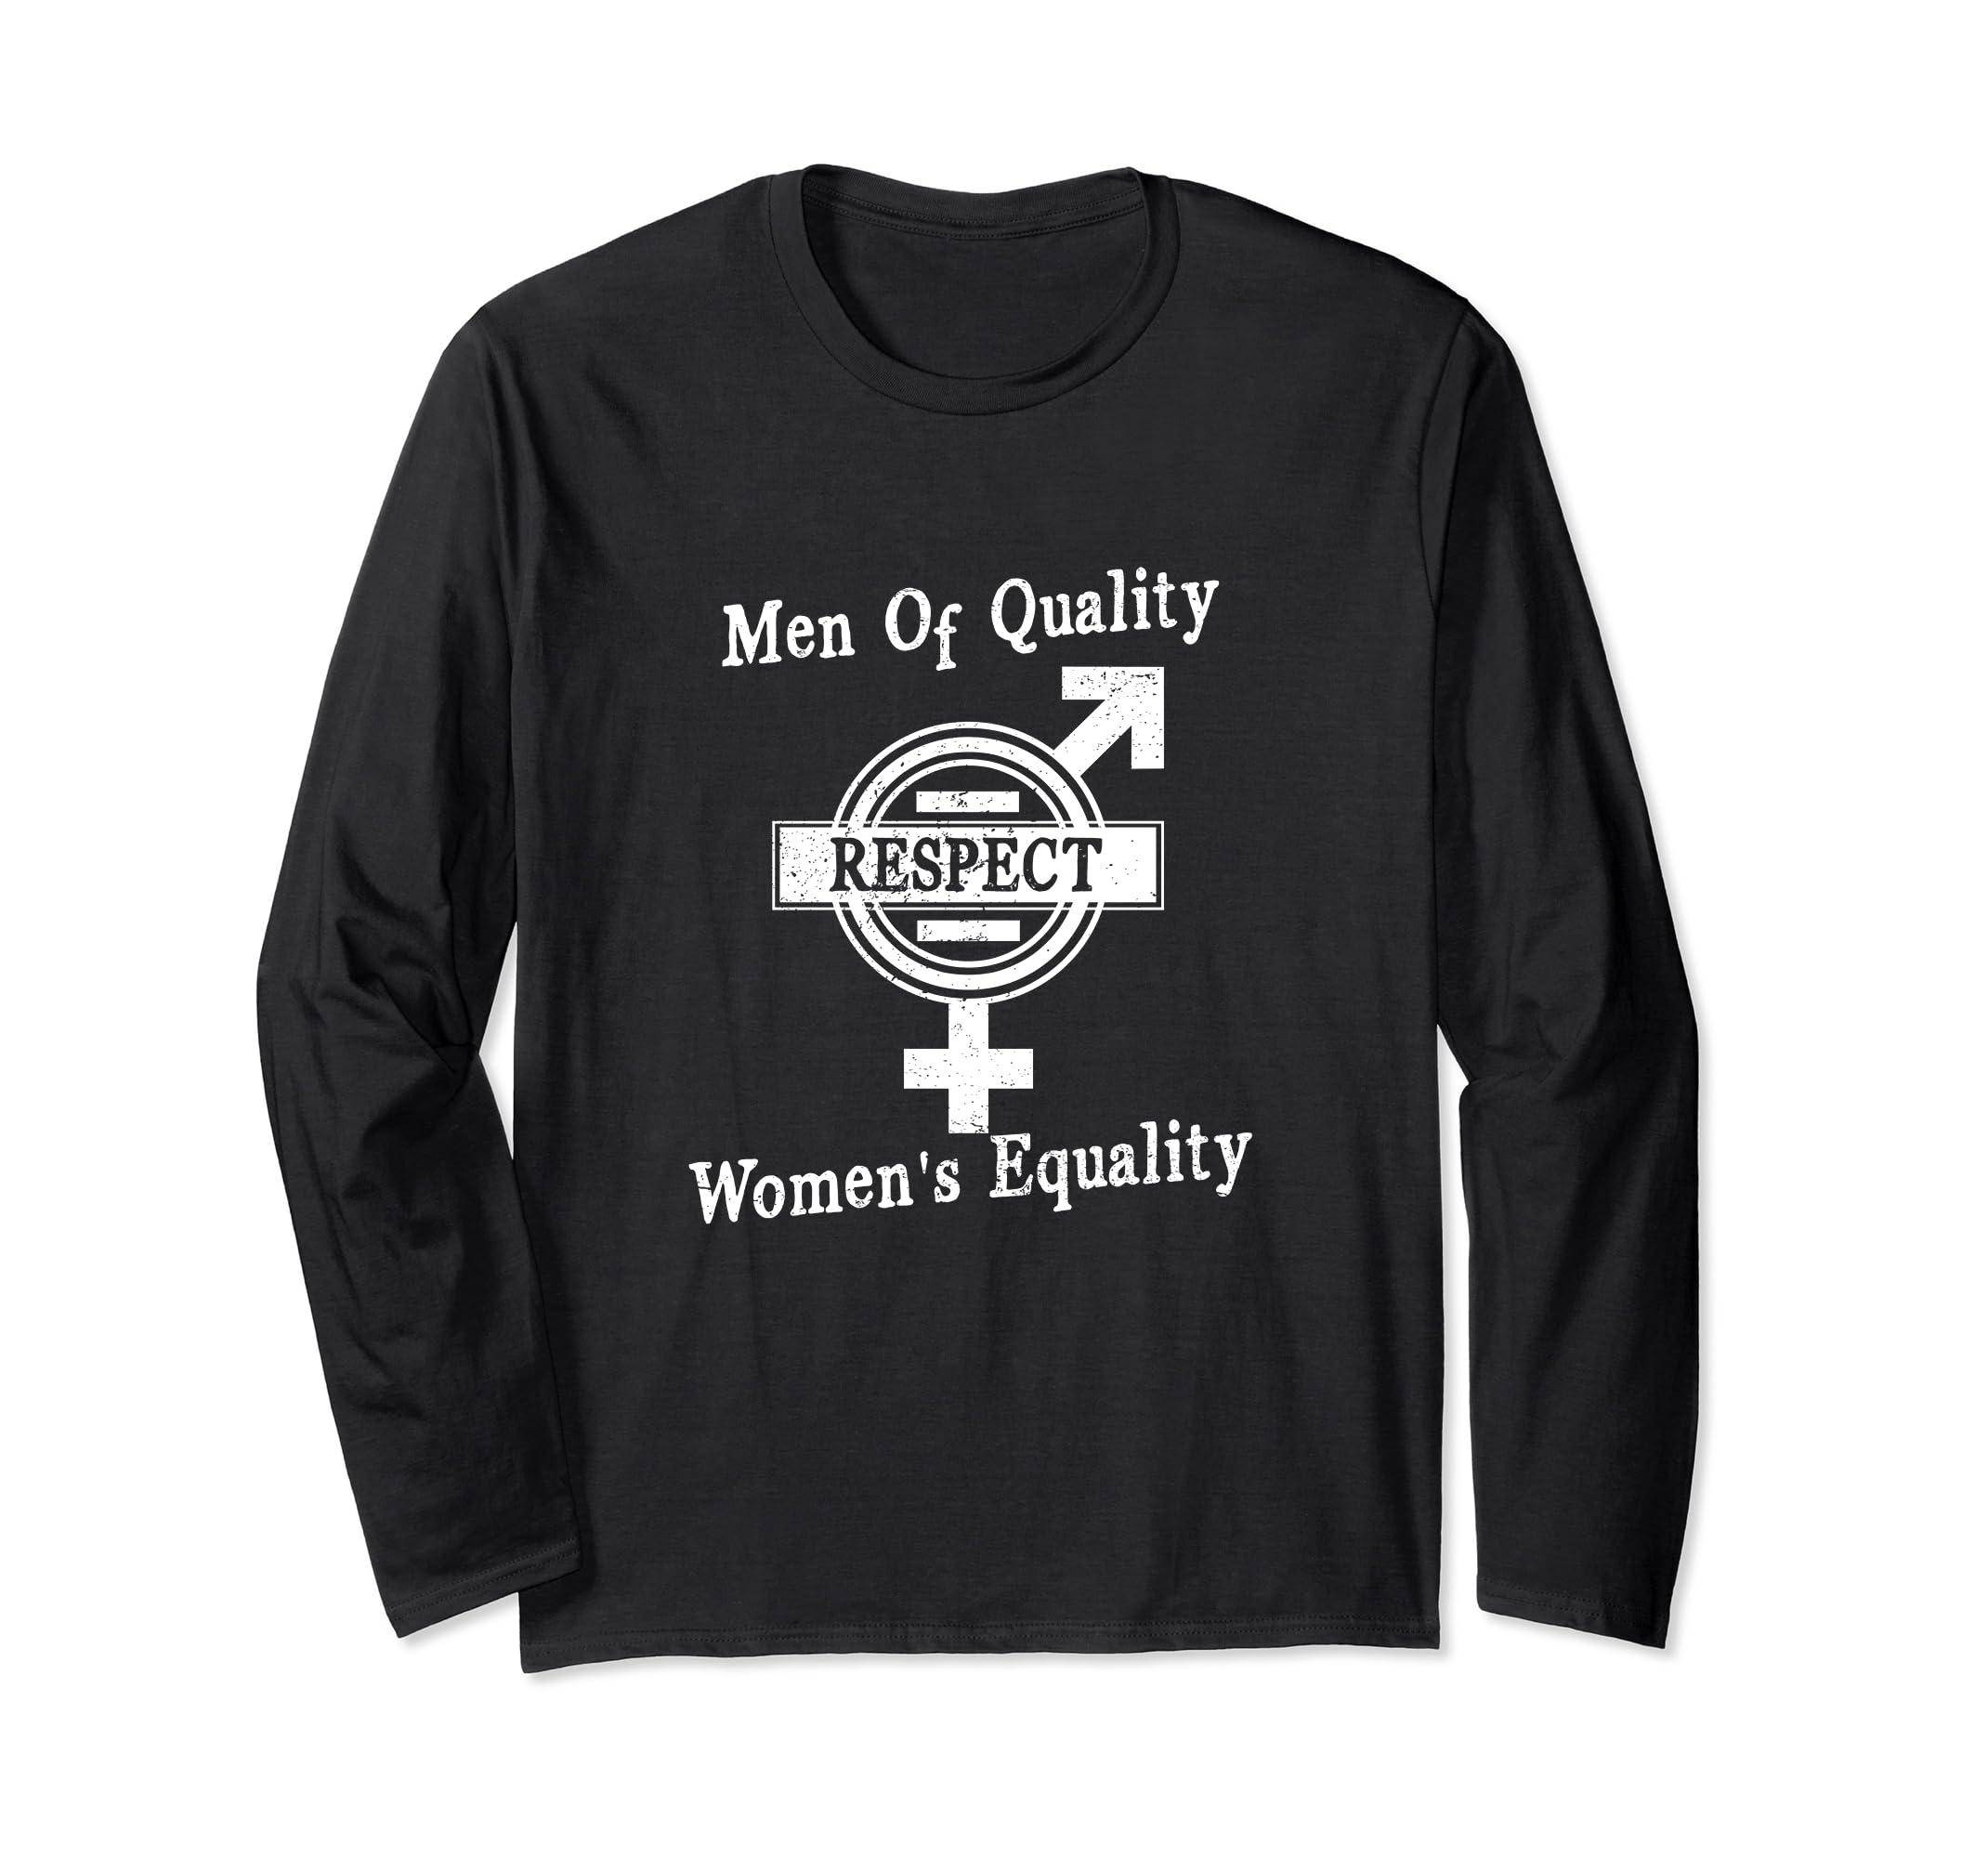 ec5d90d1e9de1e Amazon.com: Men Of Quality Respect Womens Equality Long Sleeve T-Shirt:  Clothing